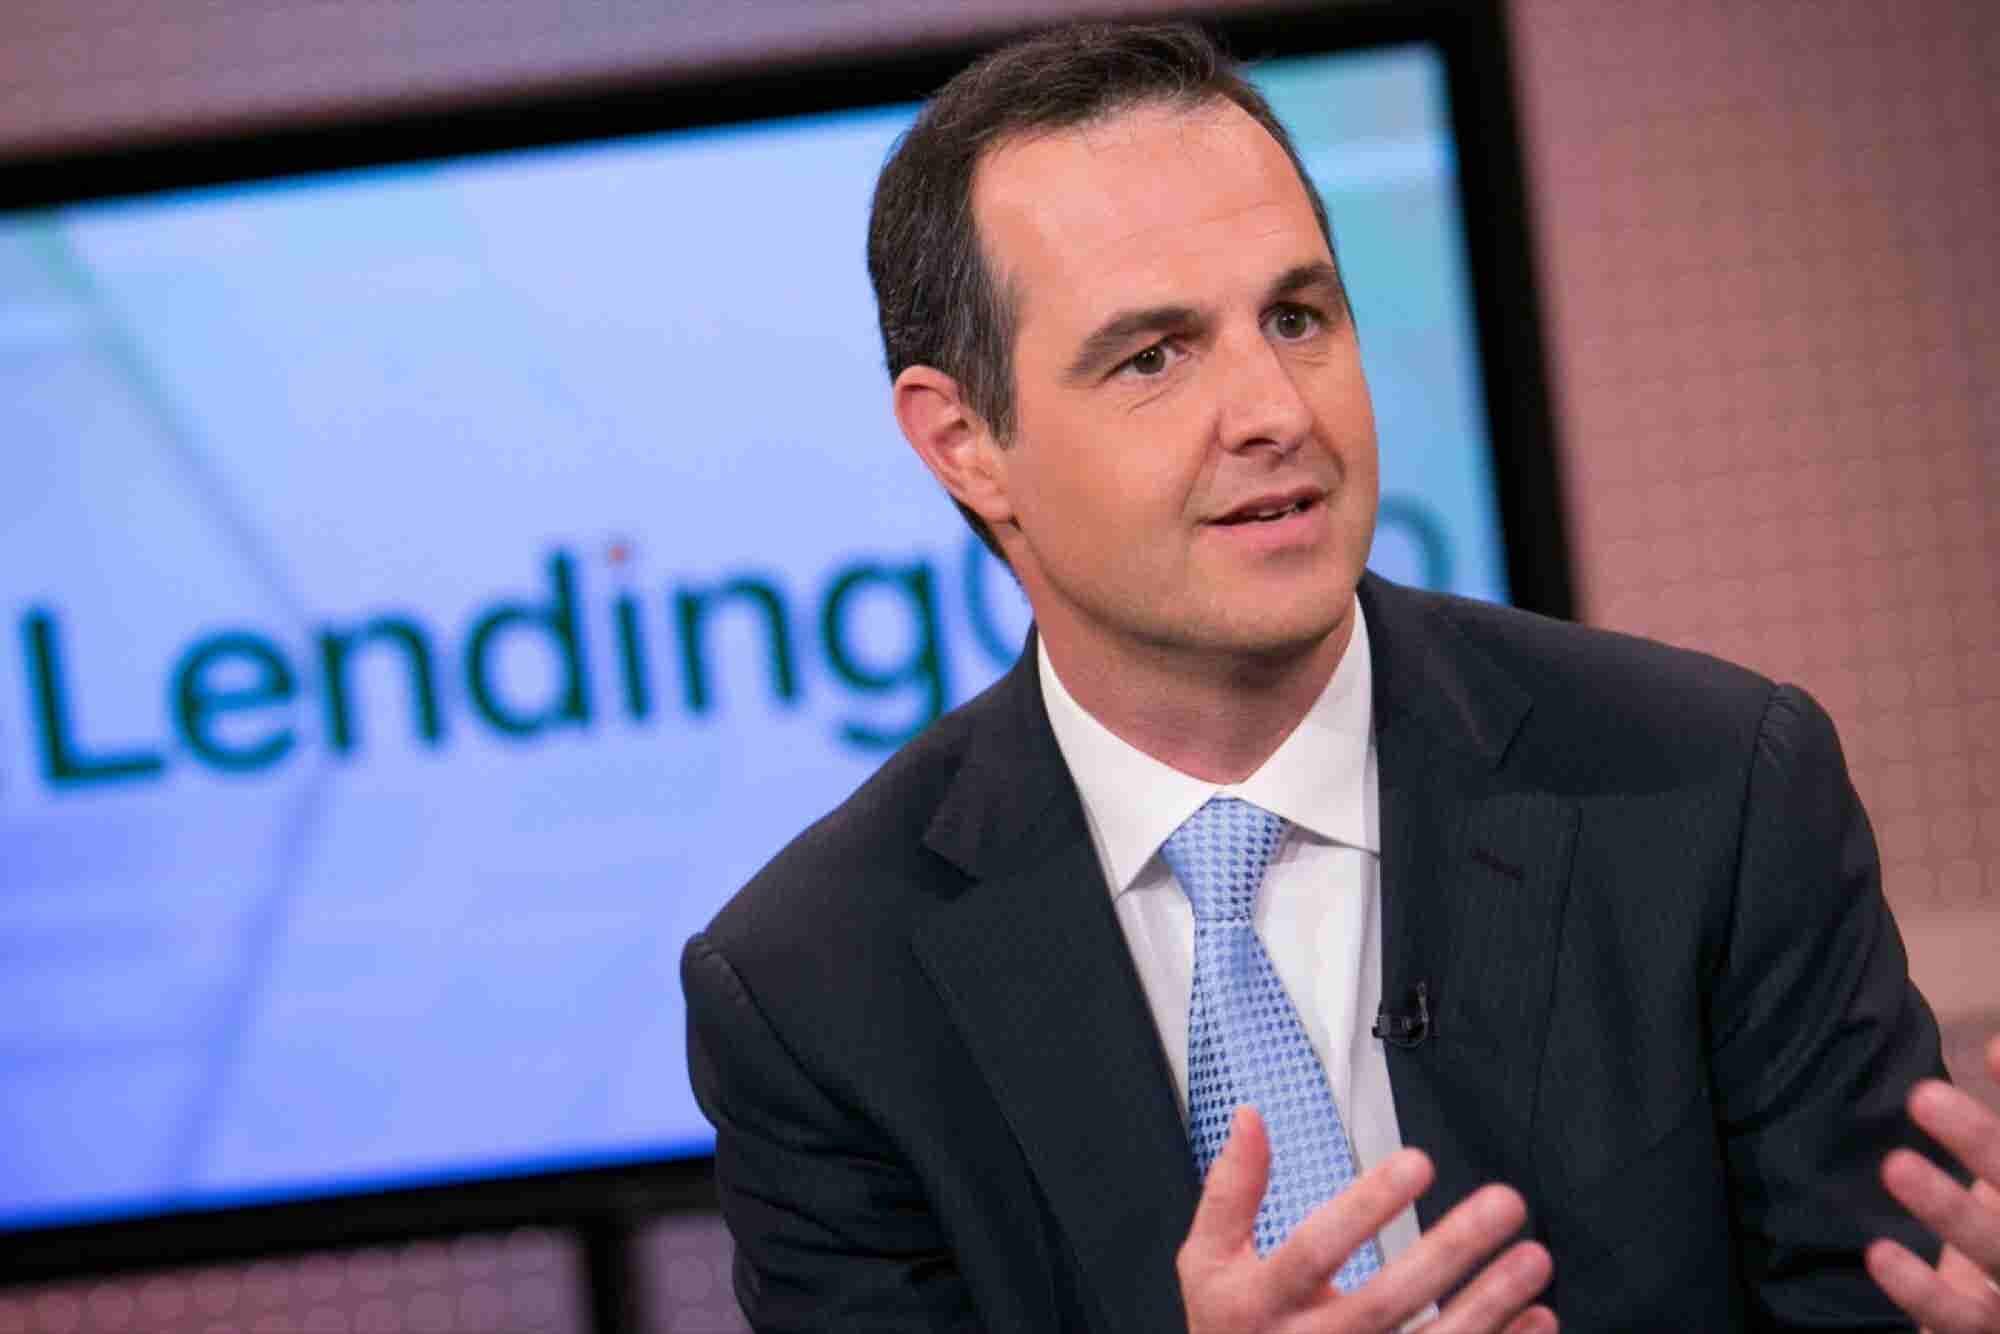 Lending Club's CEO Resigns After Internal Probe, Shares Plummet